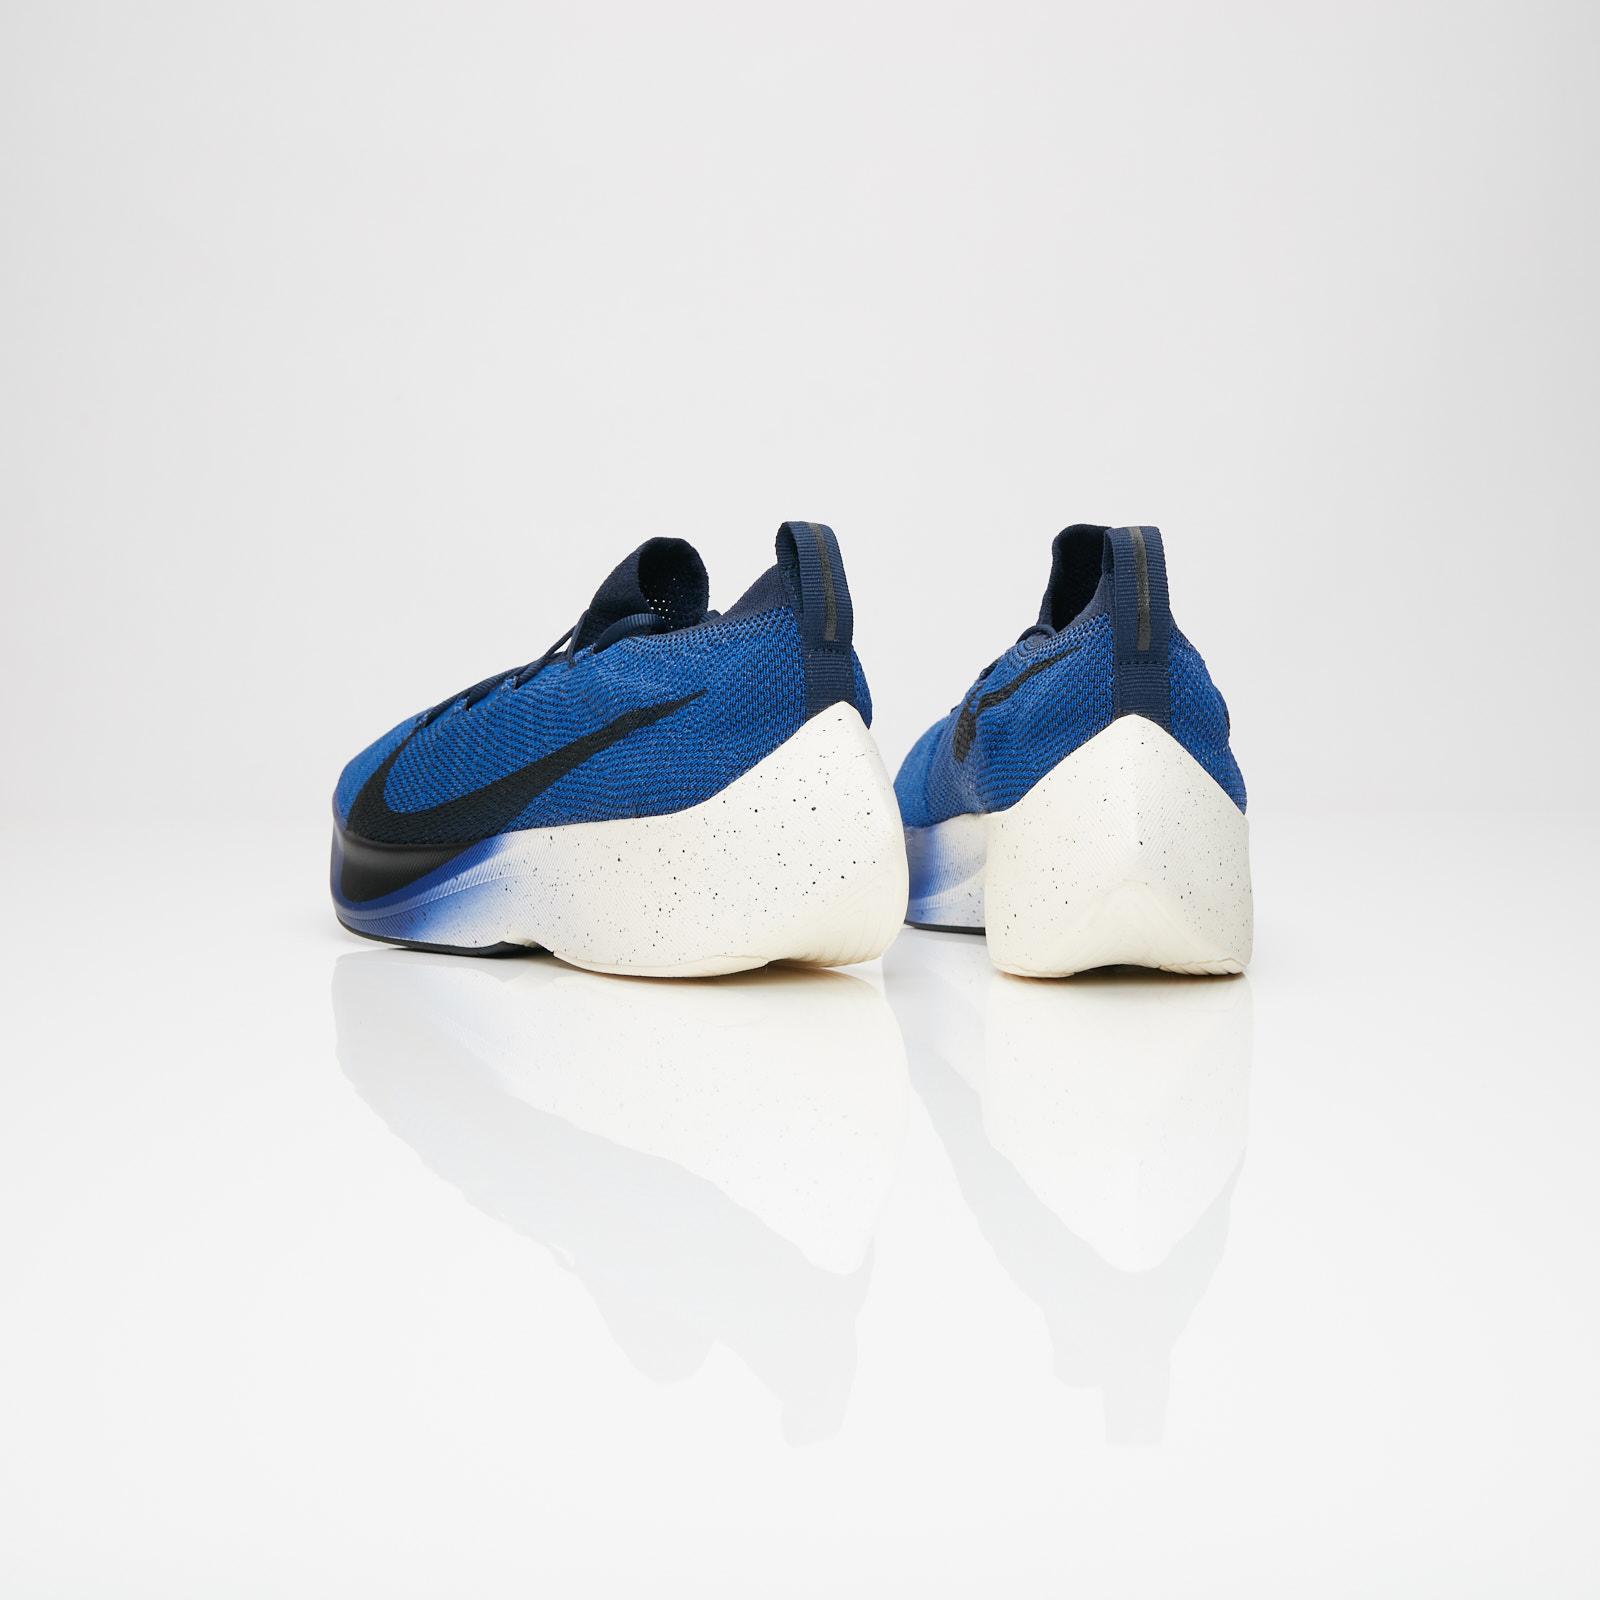 a543273d2917 Nike Sportswear Vapor Street Flyknit Nike Sportswear Vapor Street Flyknit  ...